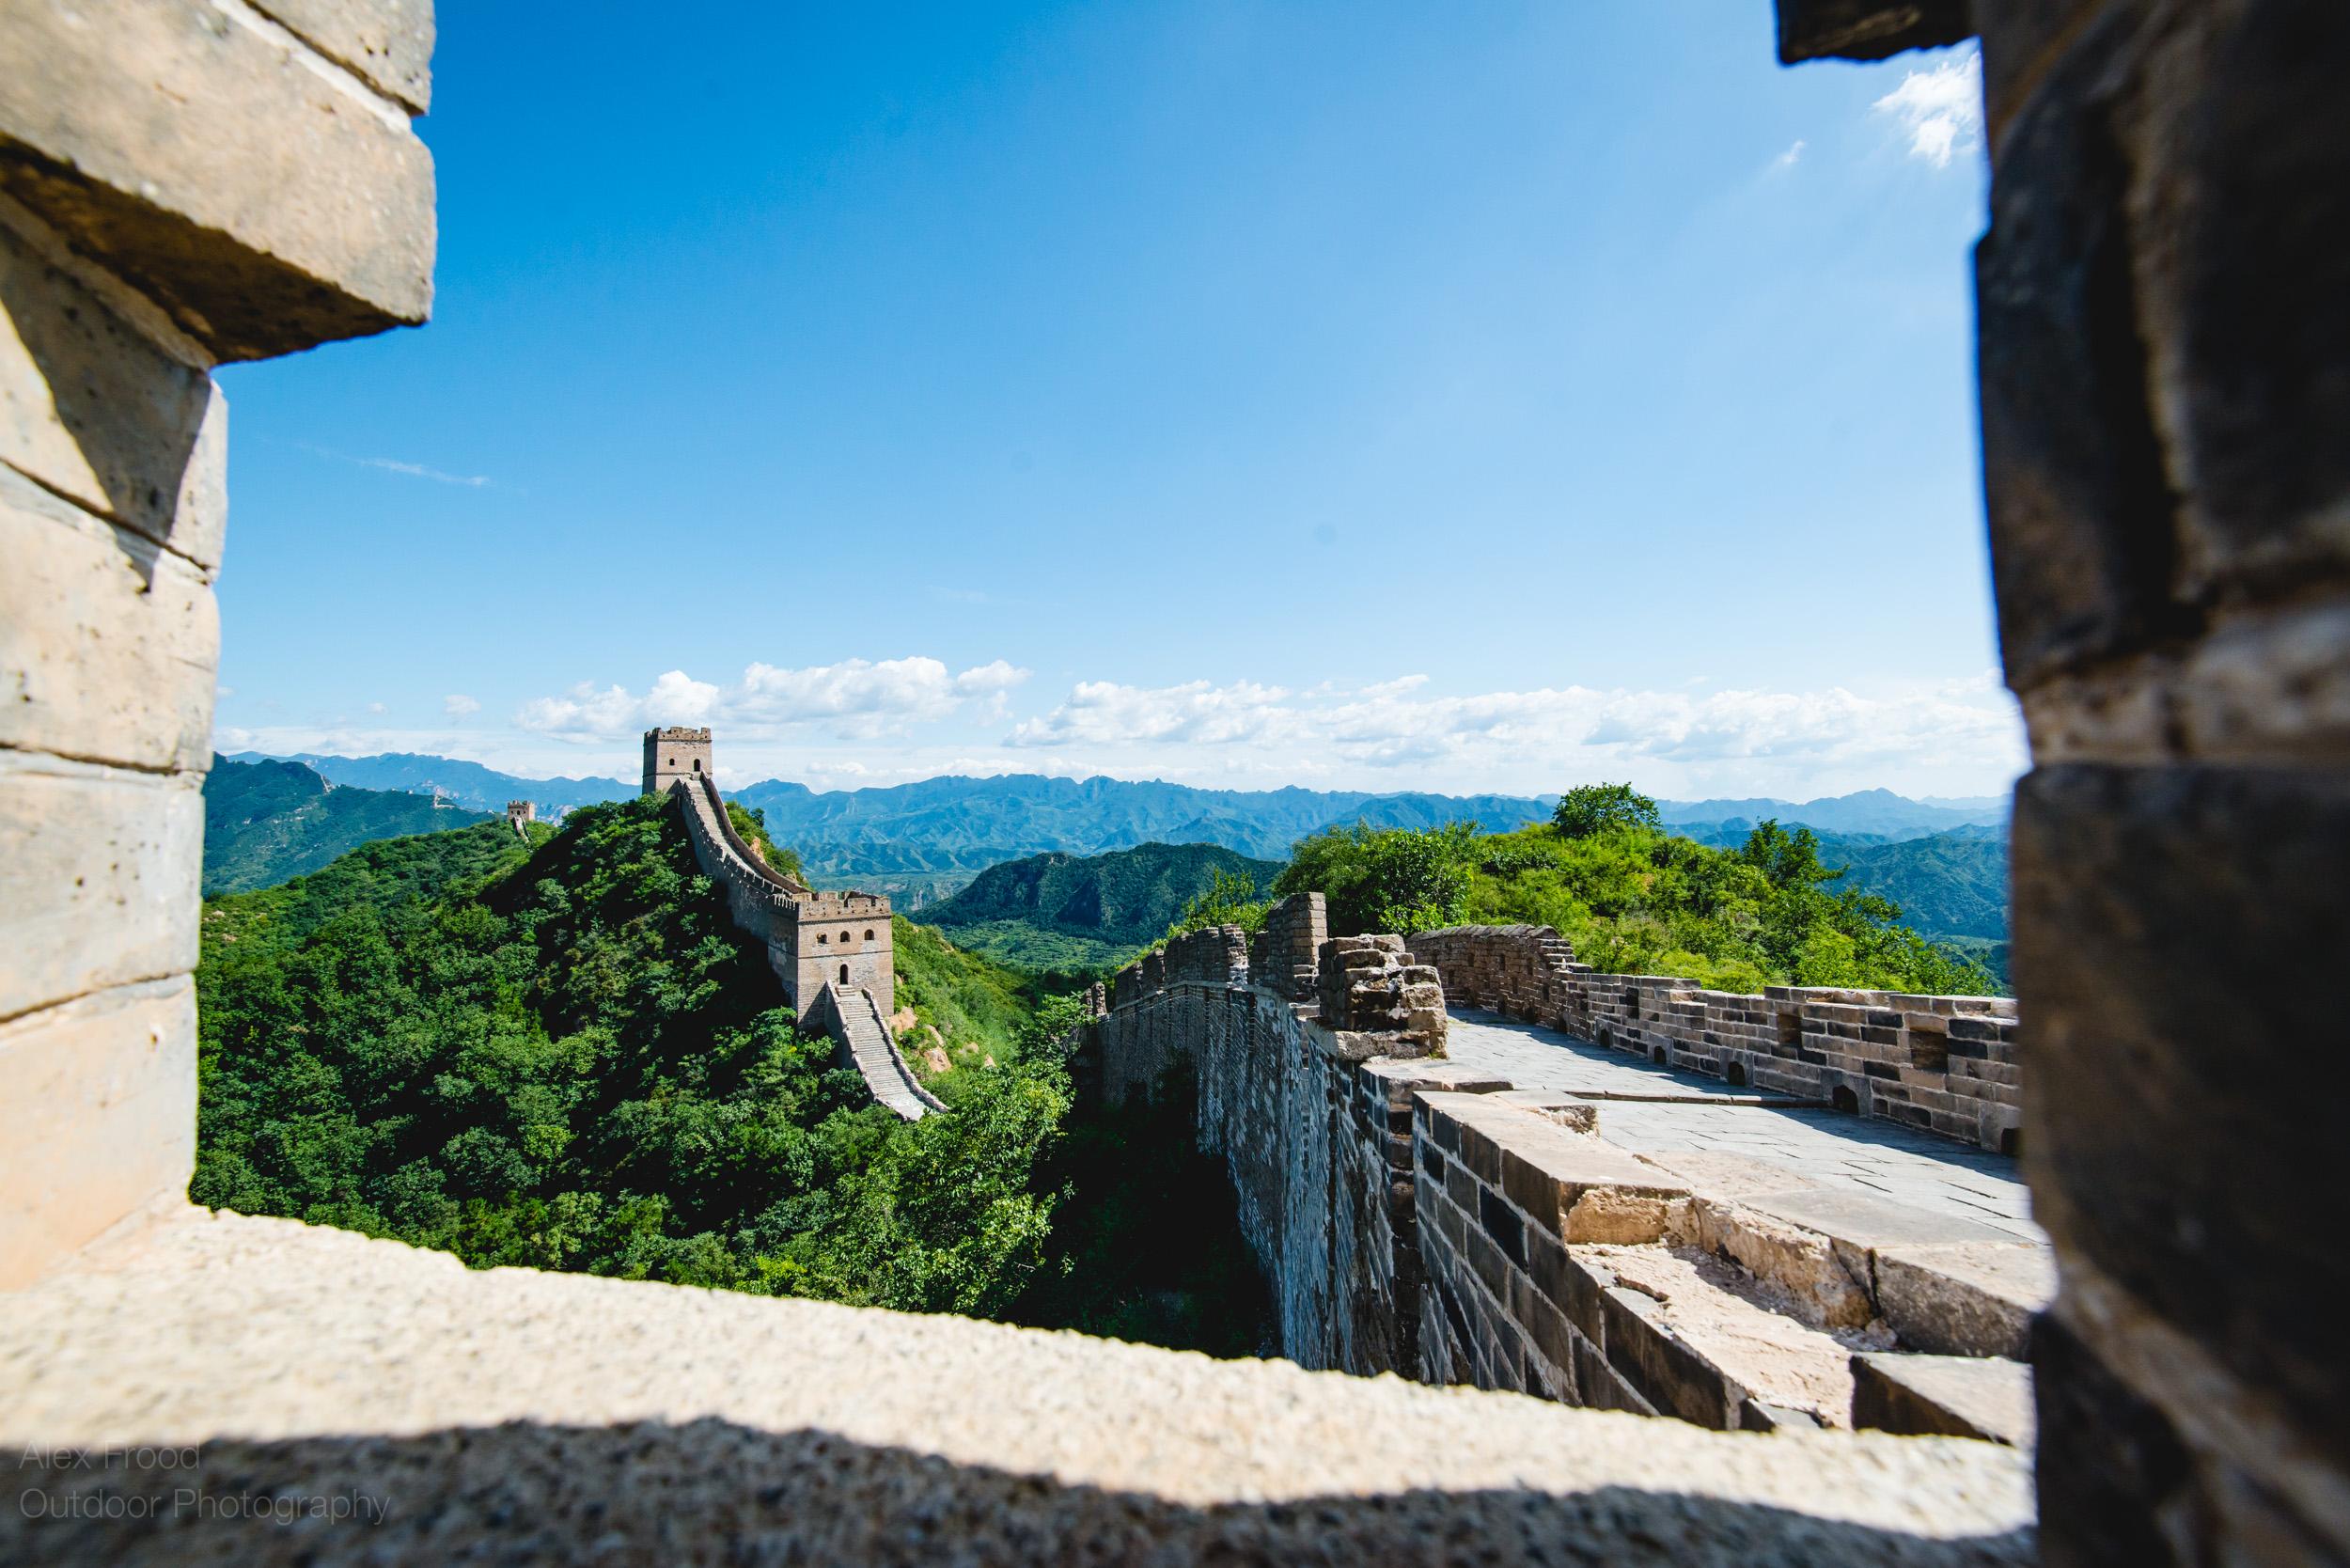 Great Wall of China, Jinshanling, China